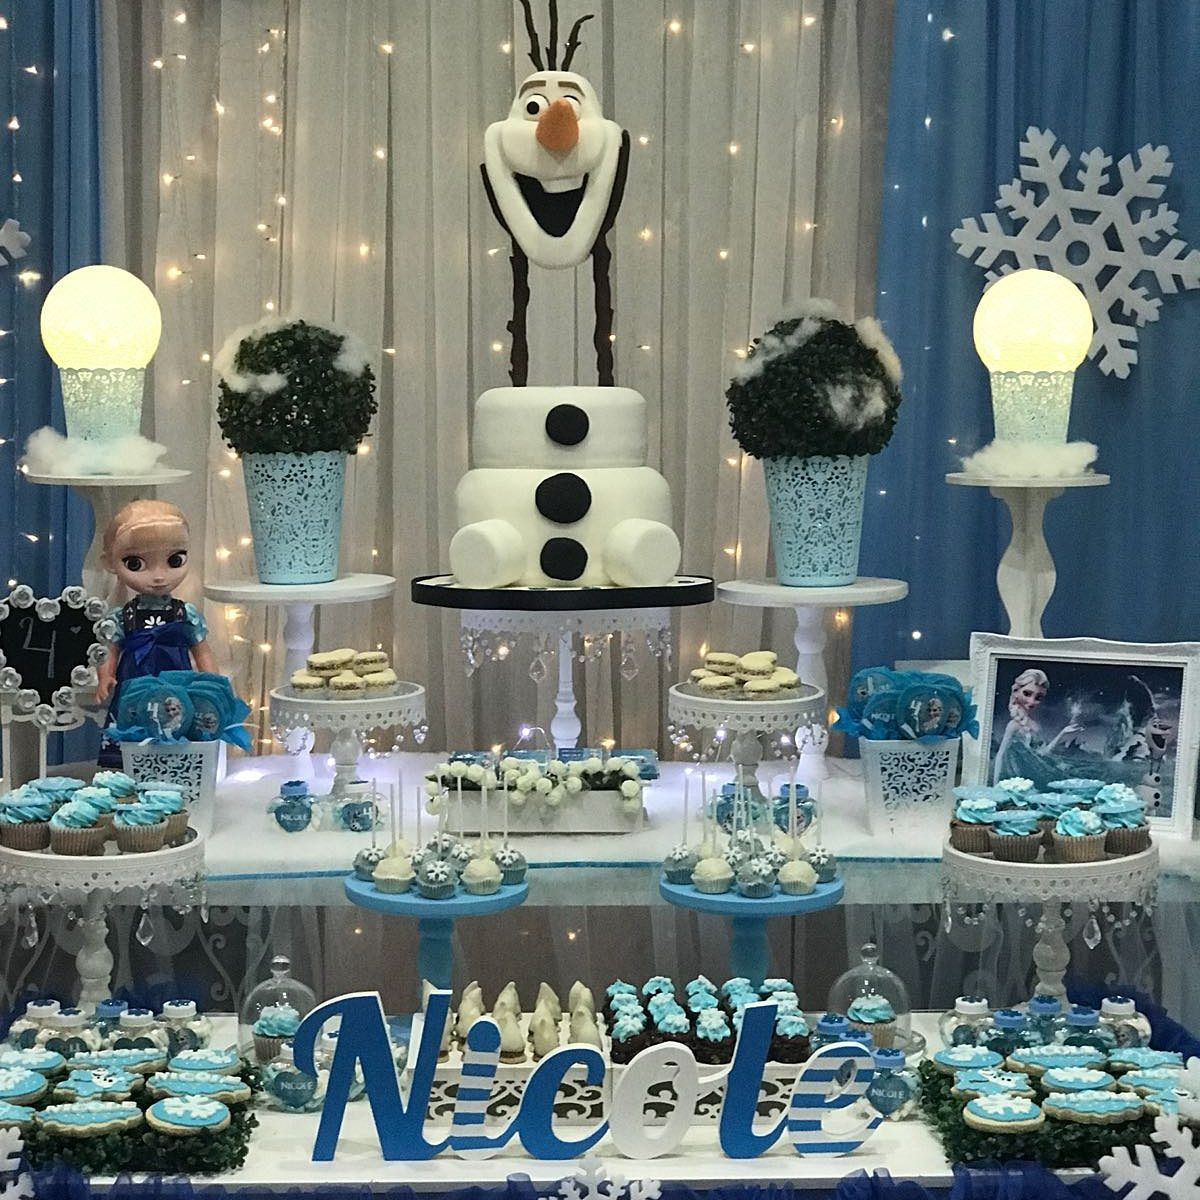 Tortas Cumpleanos Infantil Frozen Mesas Dulces 15 Anos 55000 - Mesas-dulces